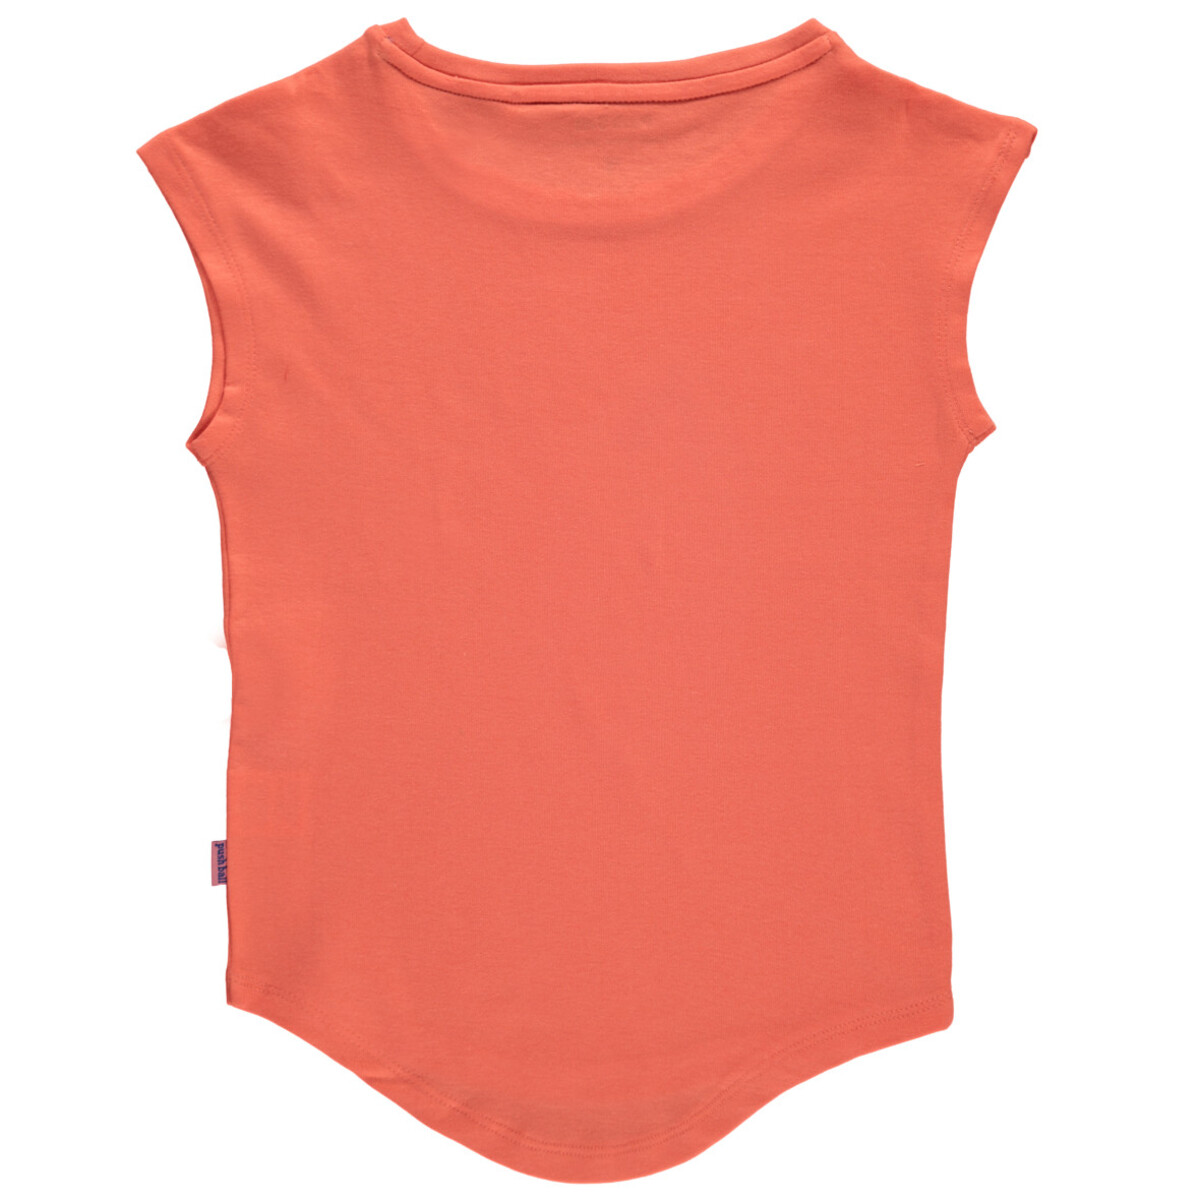 Bild 2 von Mädchen Sport Shirt